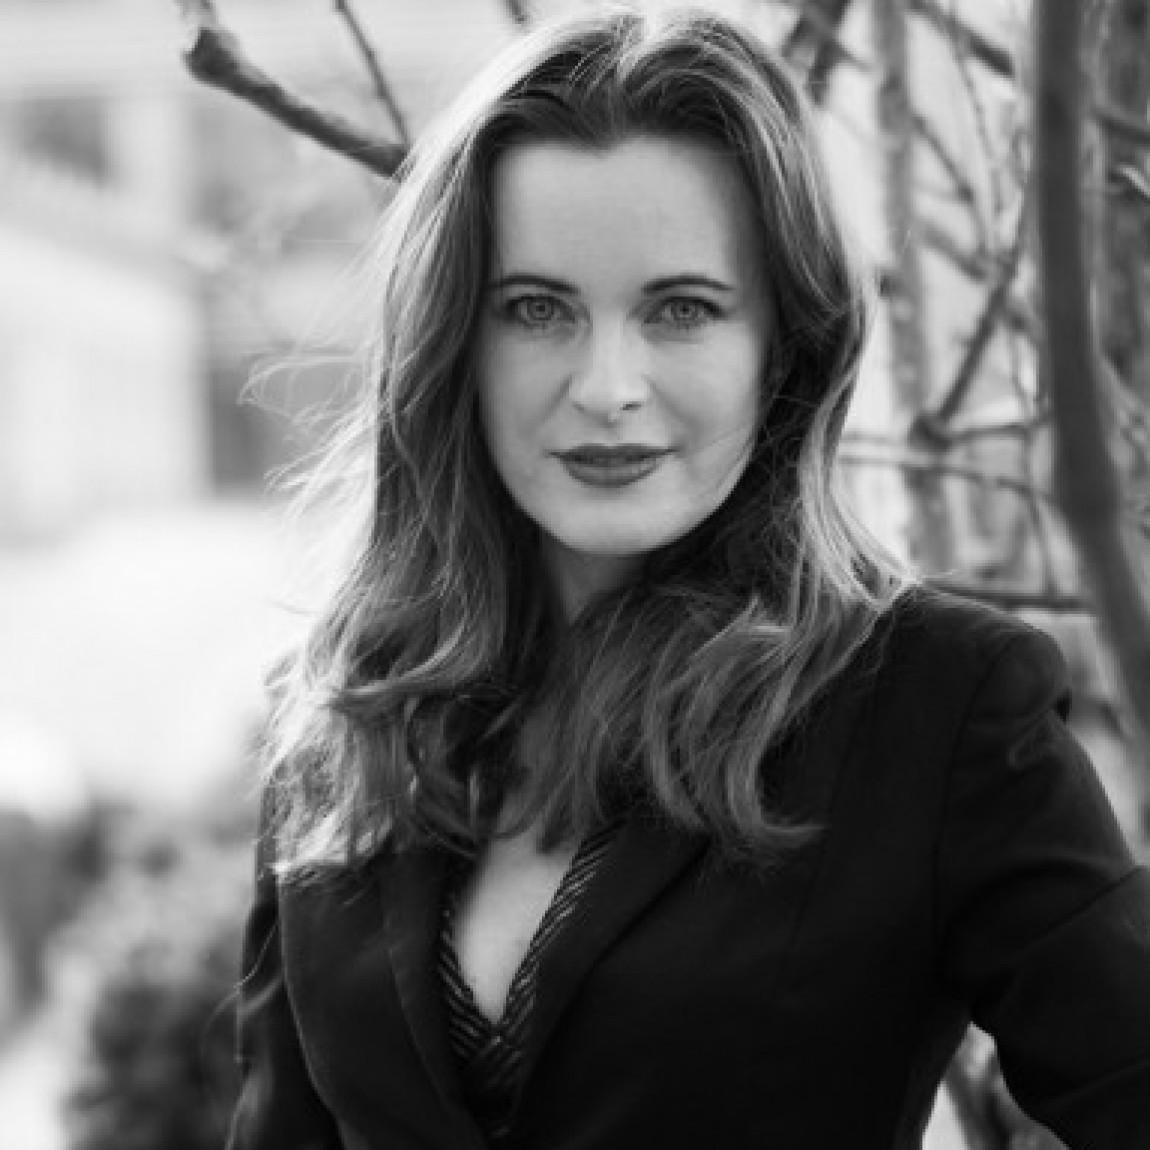 Profilovka od Lenka Daňková